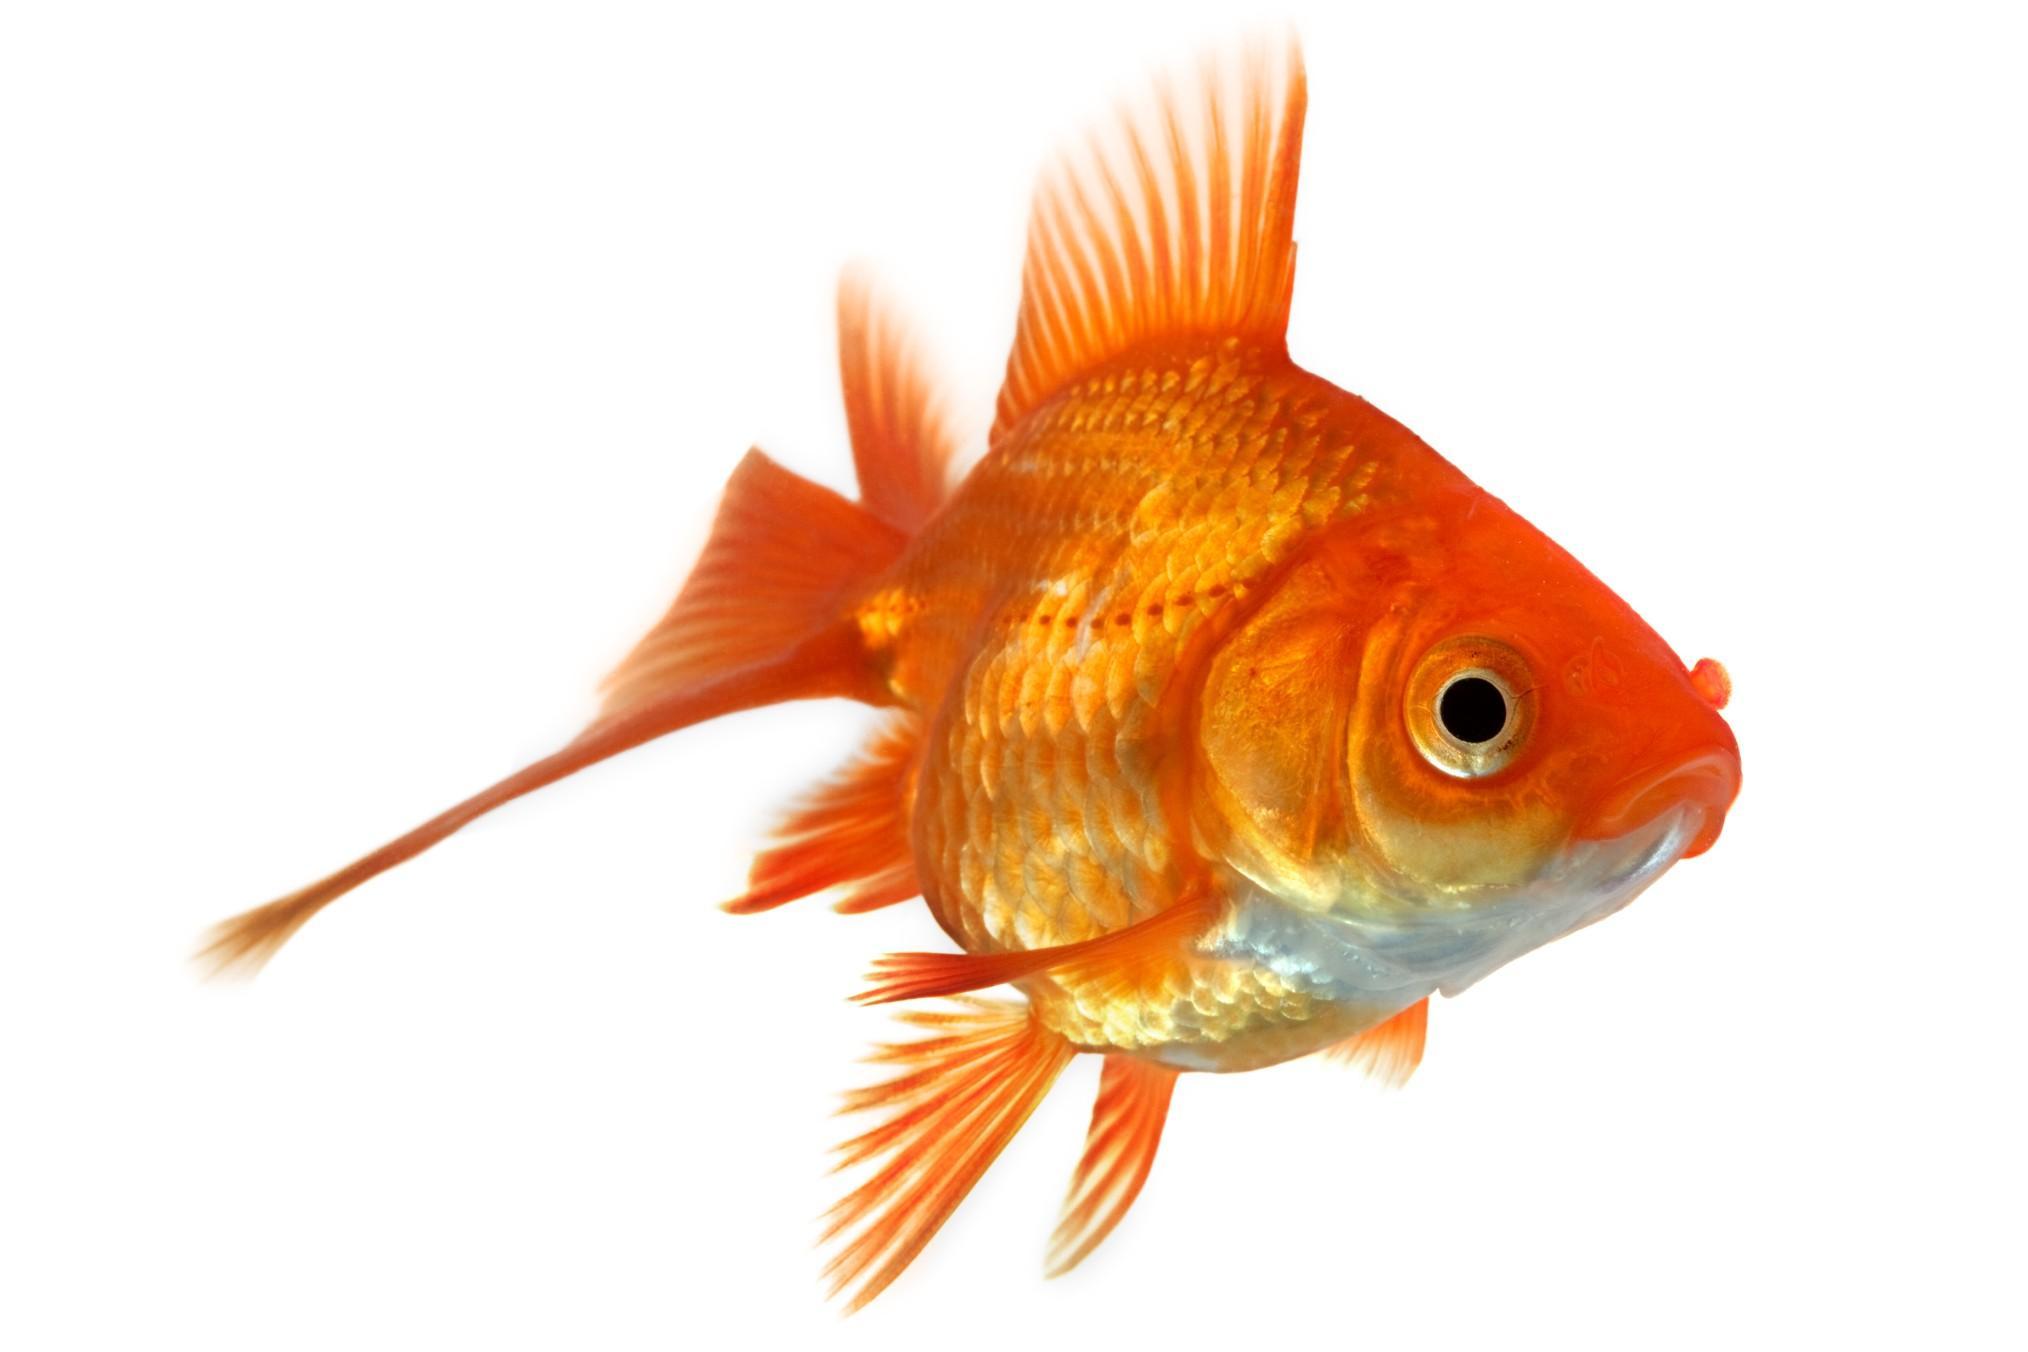 Articolo naturalistico meteowebcam for Quanto vivono i pesci rossi